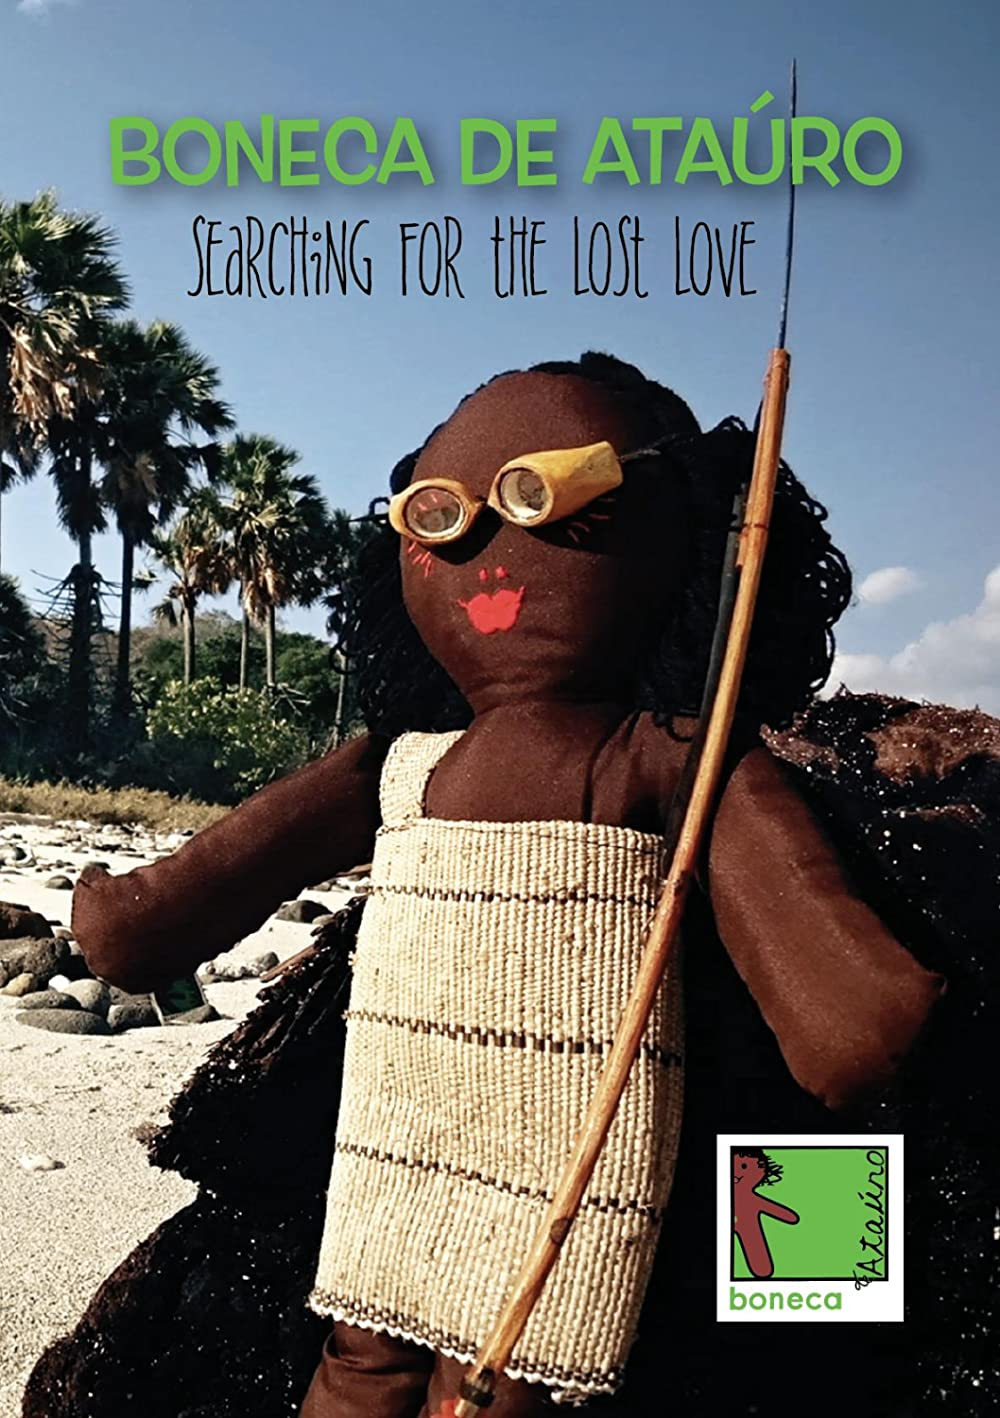 Boneca de Atauro: Searching for the Lost Love 2016